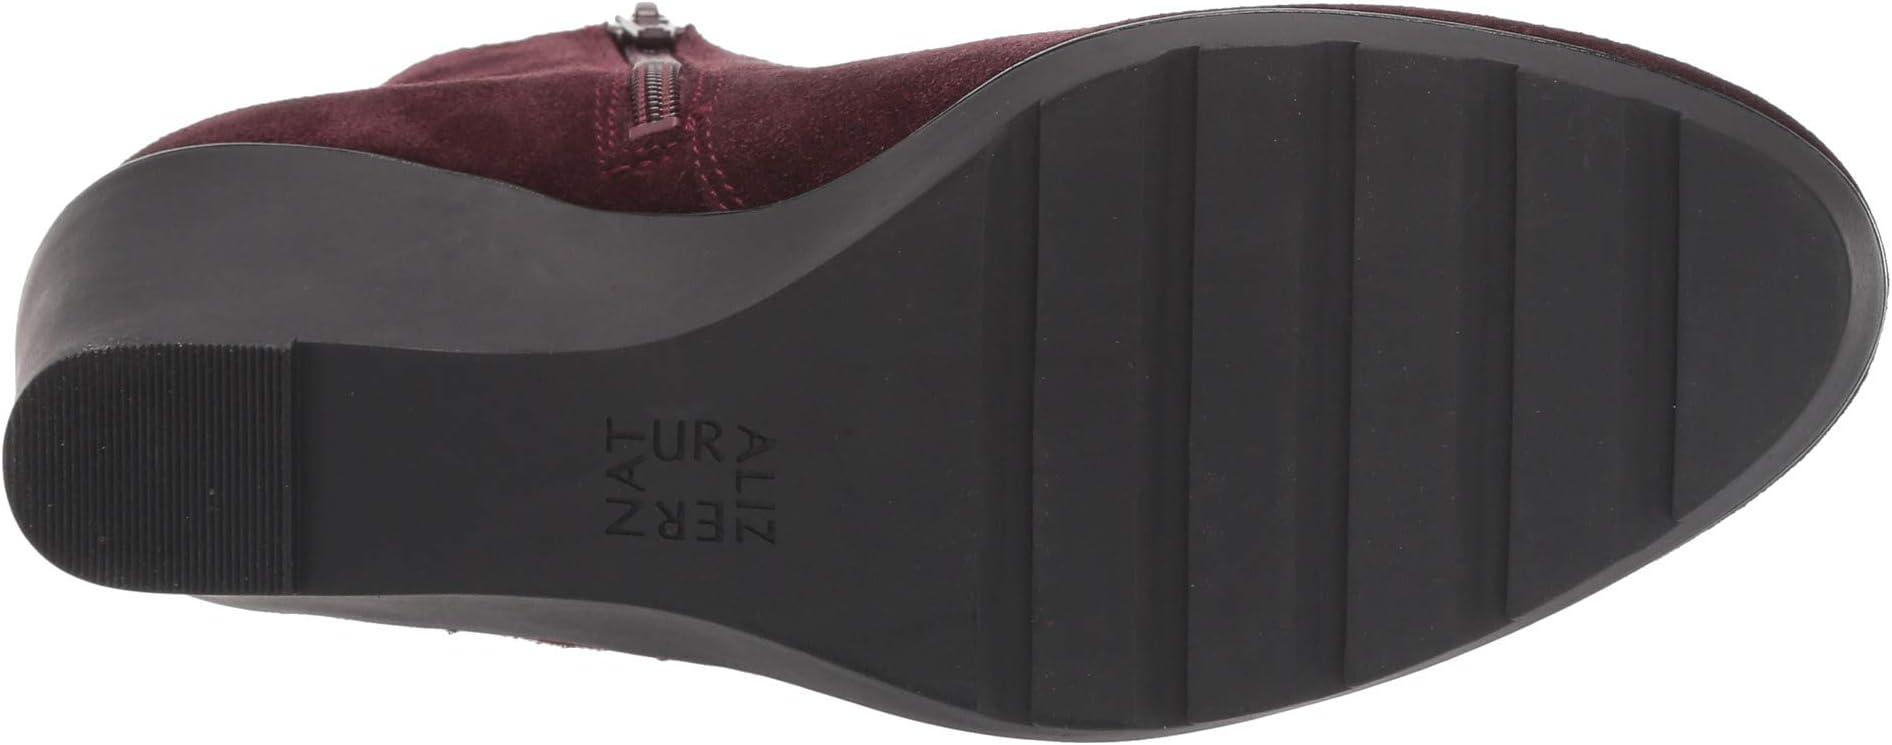 Naturalizer Laila | Women's shoes | 2020 Newest